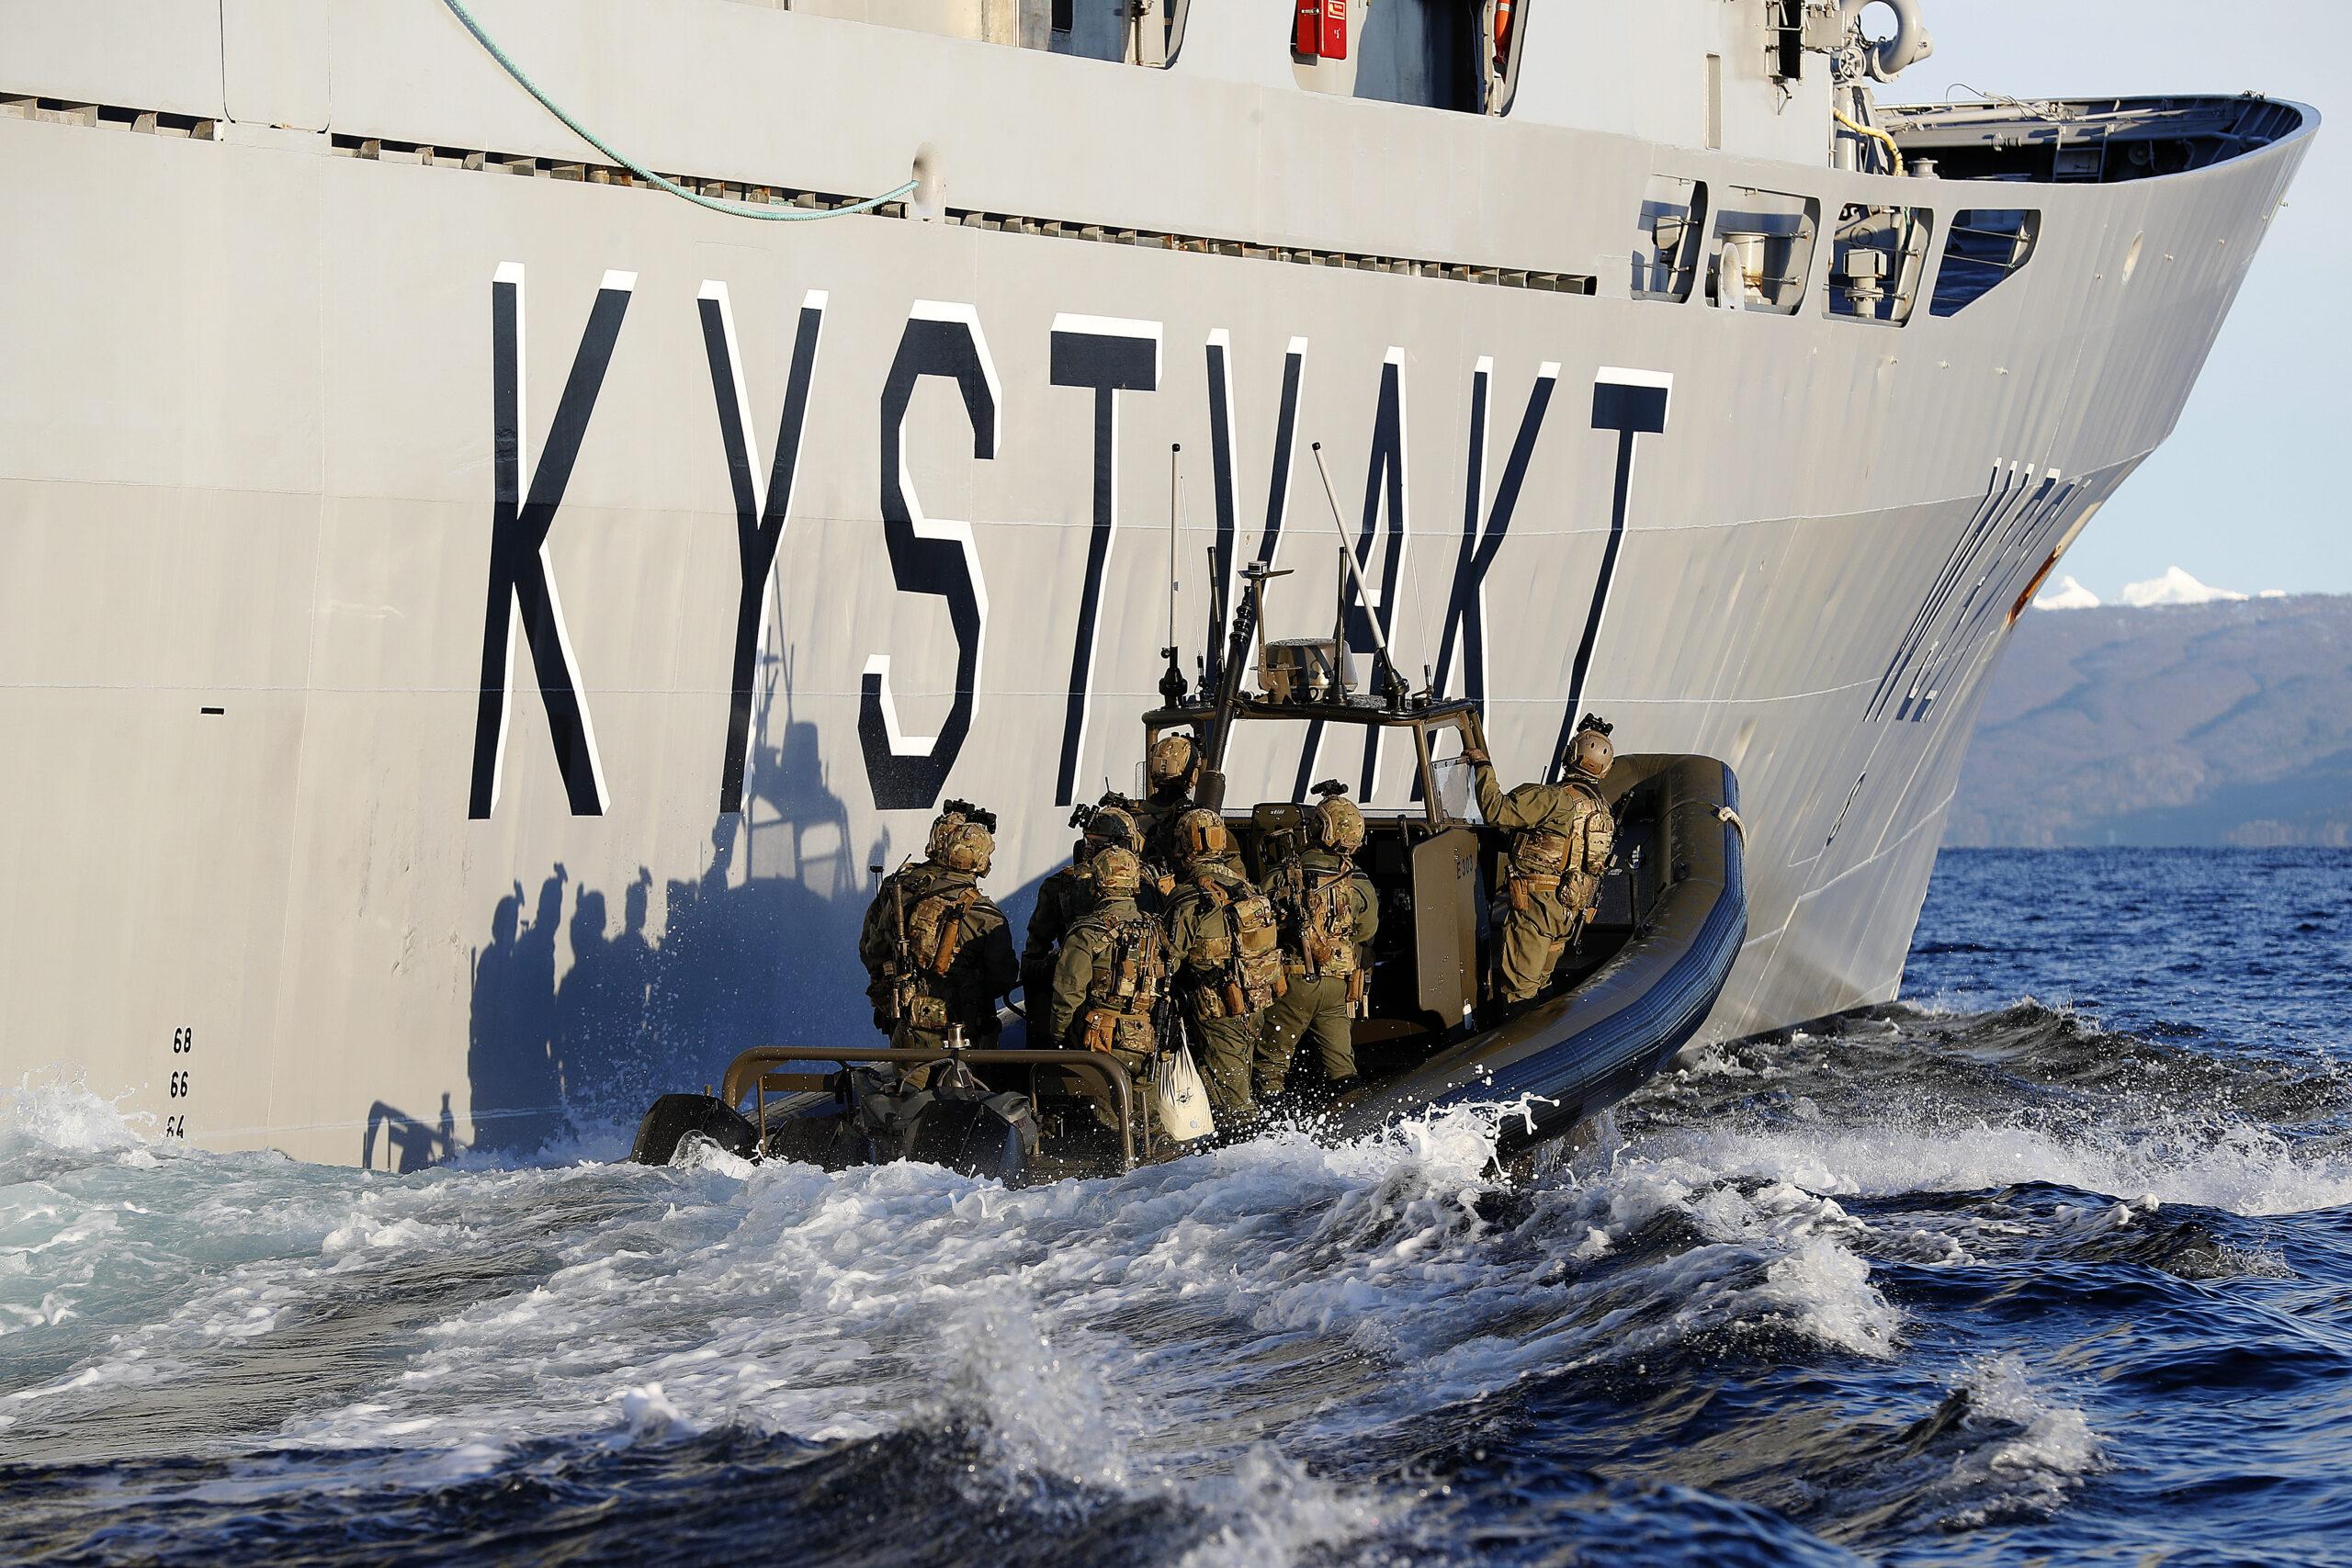 Operatører fra Marinejegerkommandoen trener sammen med Kystvakten. Foto: Torbjørn Kjosvold/Forsvaret.